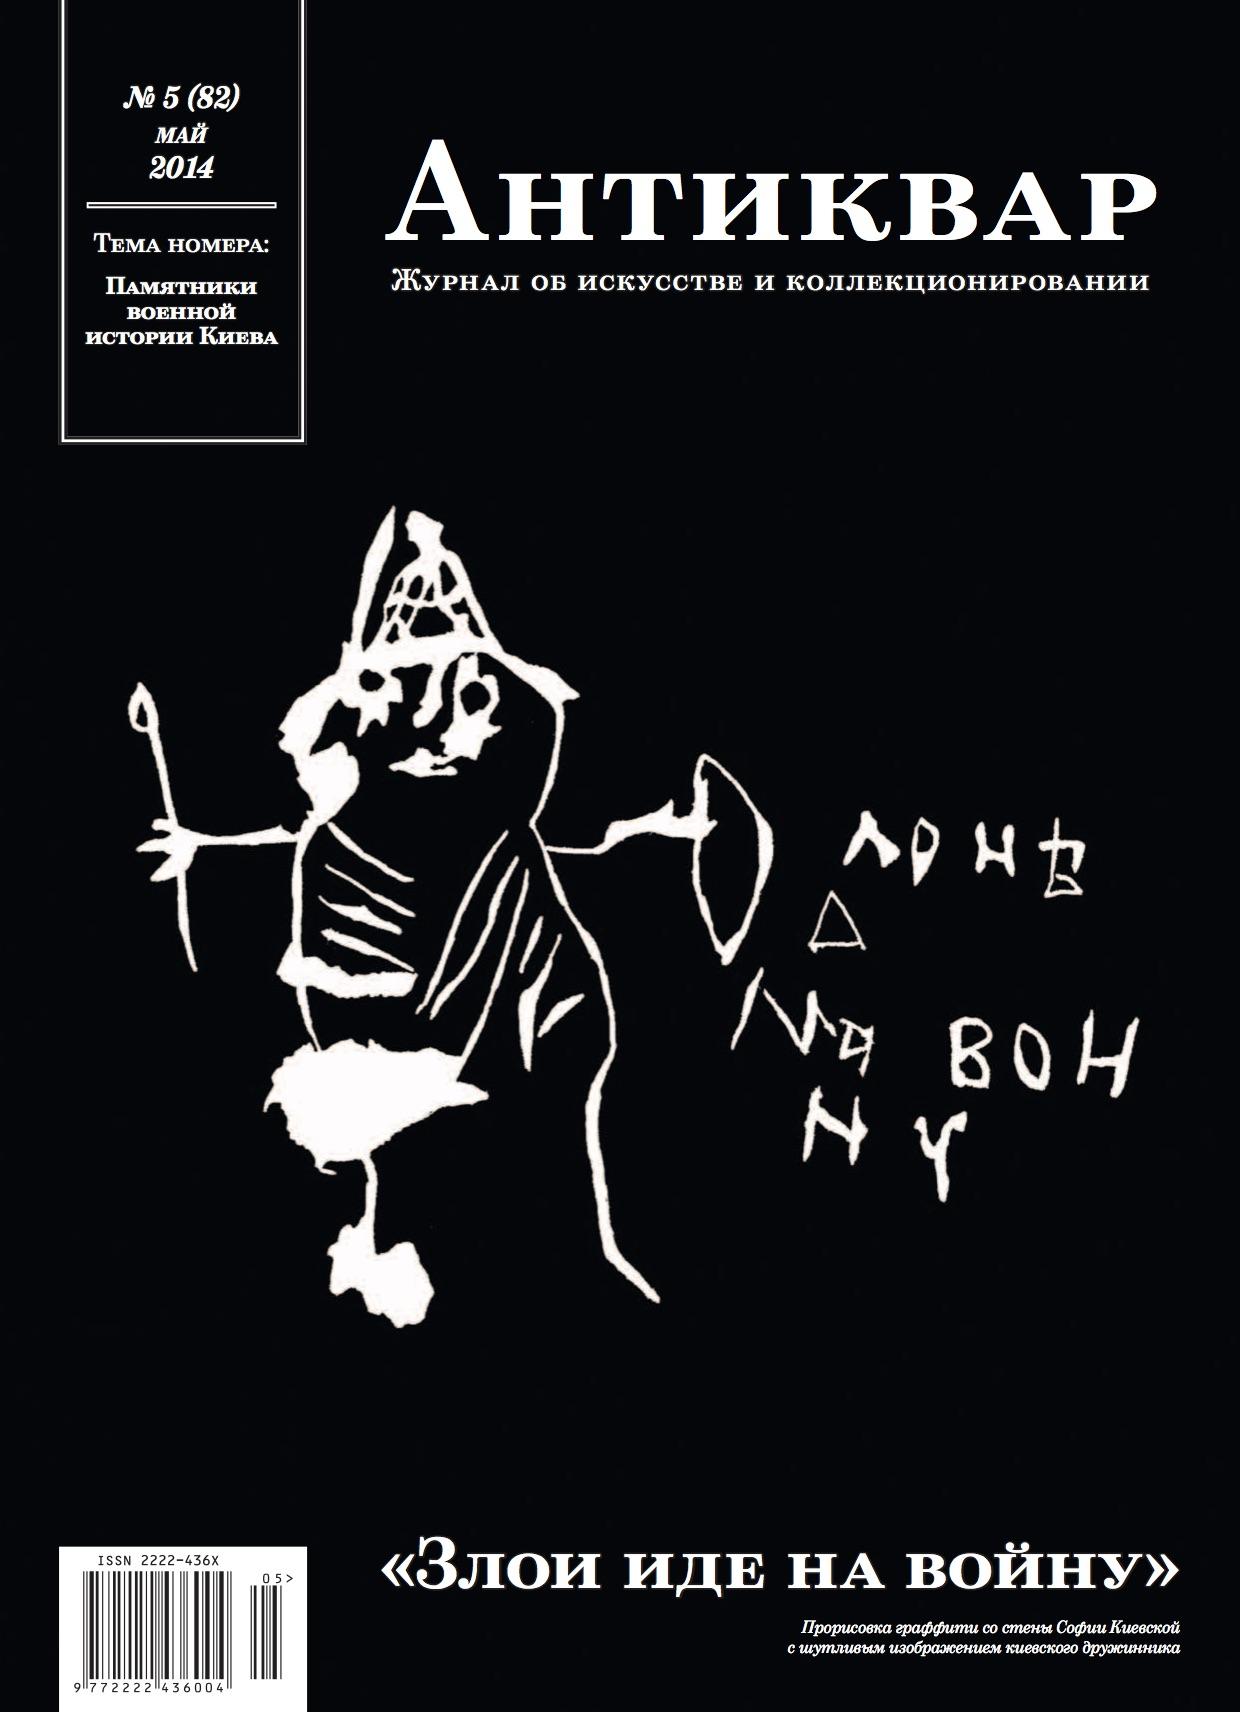 Журнал Антиквар #82: Памятники военной истории Киева